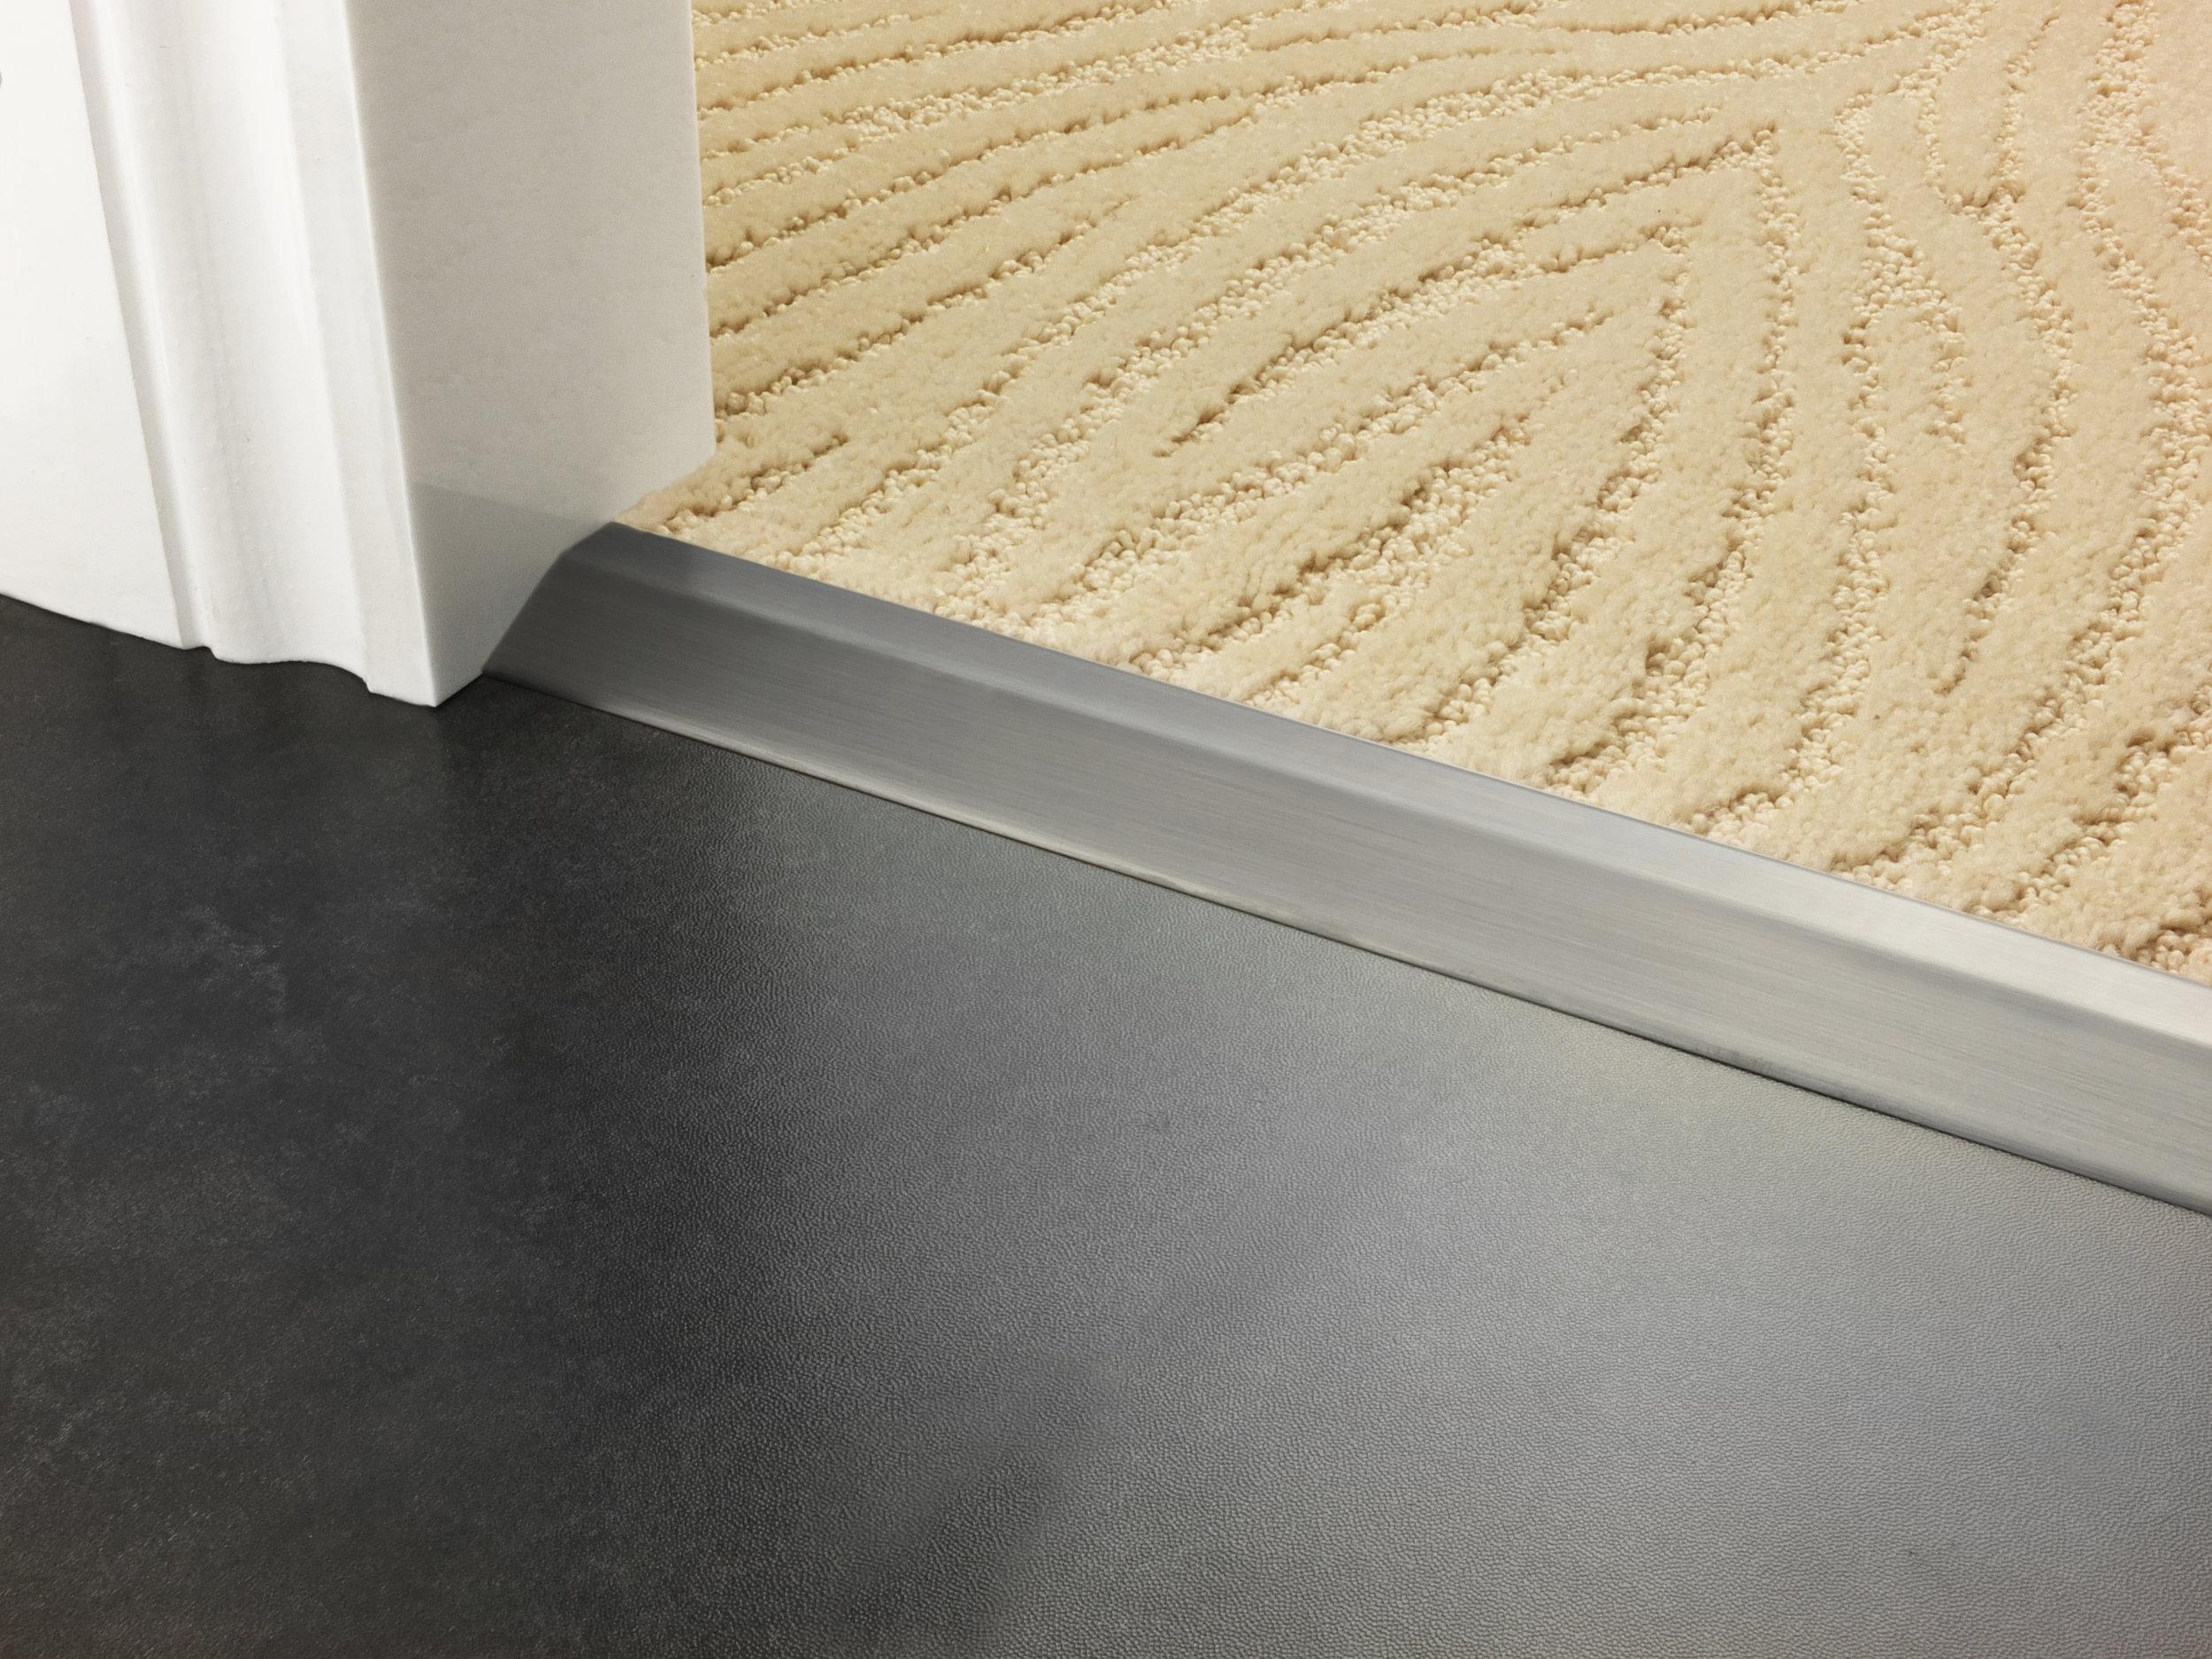 stairrods-doorbar-pewter-compression-ramp-8mm-LHF 7.jpg